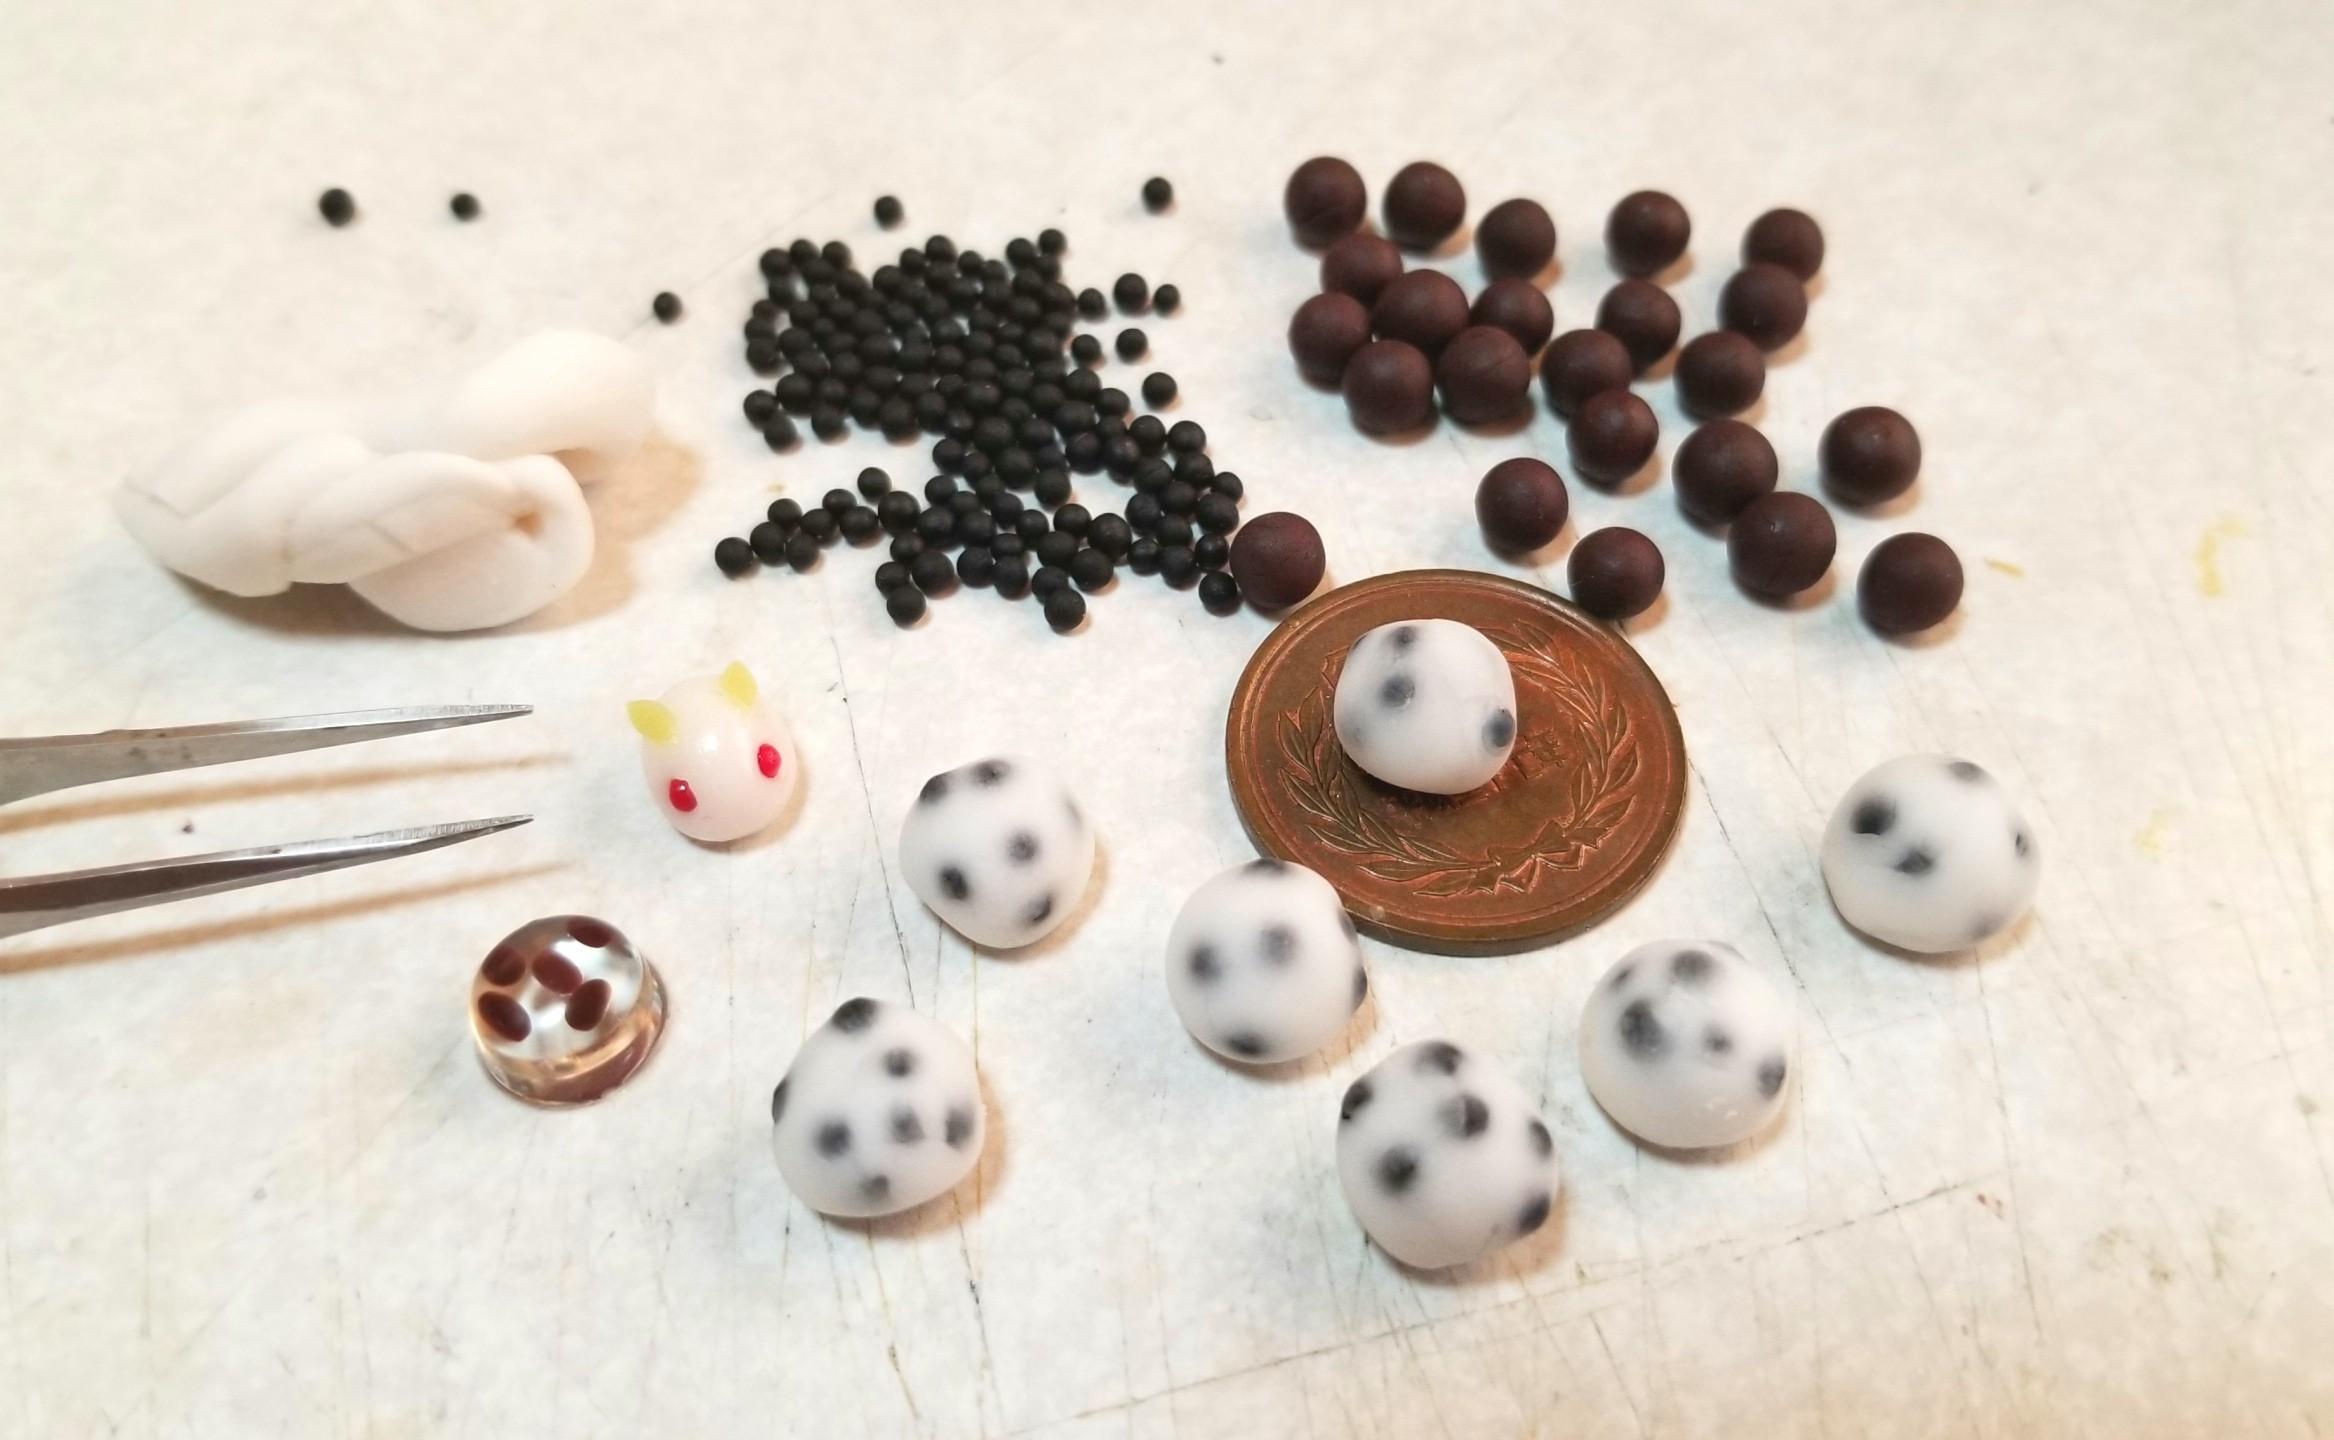 ミニチュアフード,豆大福,和菓子,作り方,樹脂粘土,ハンドメイド